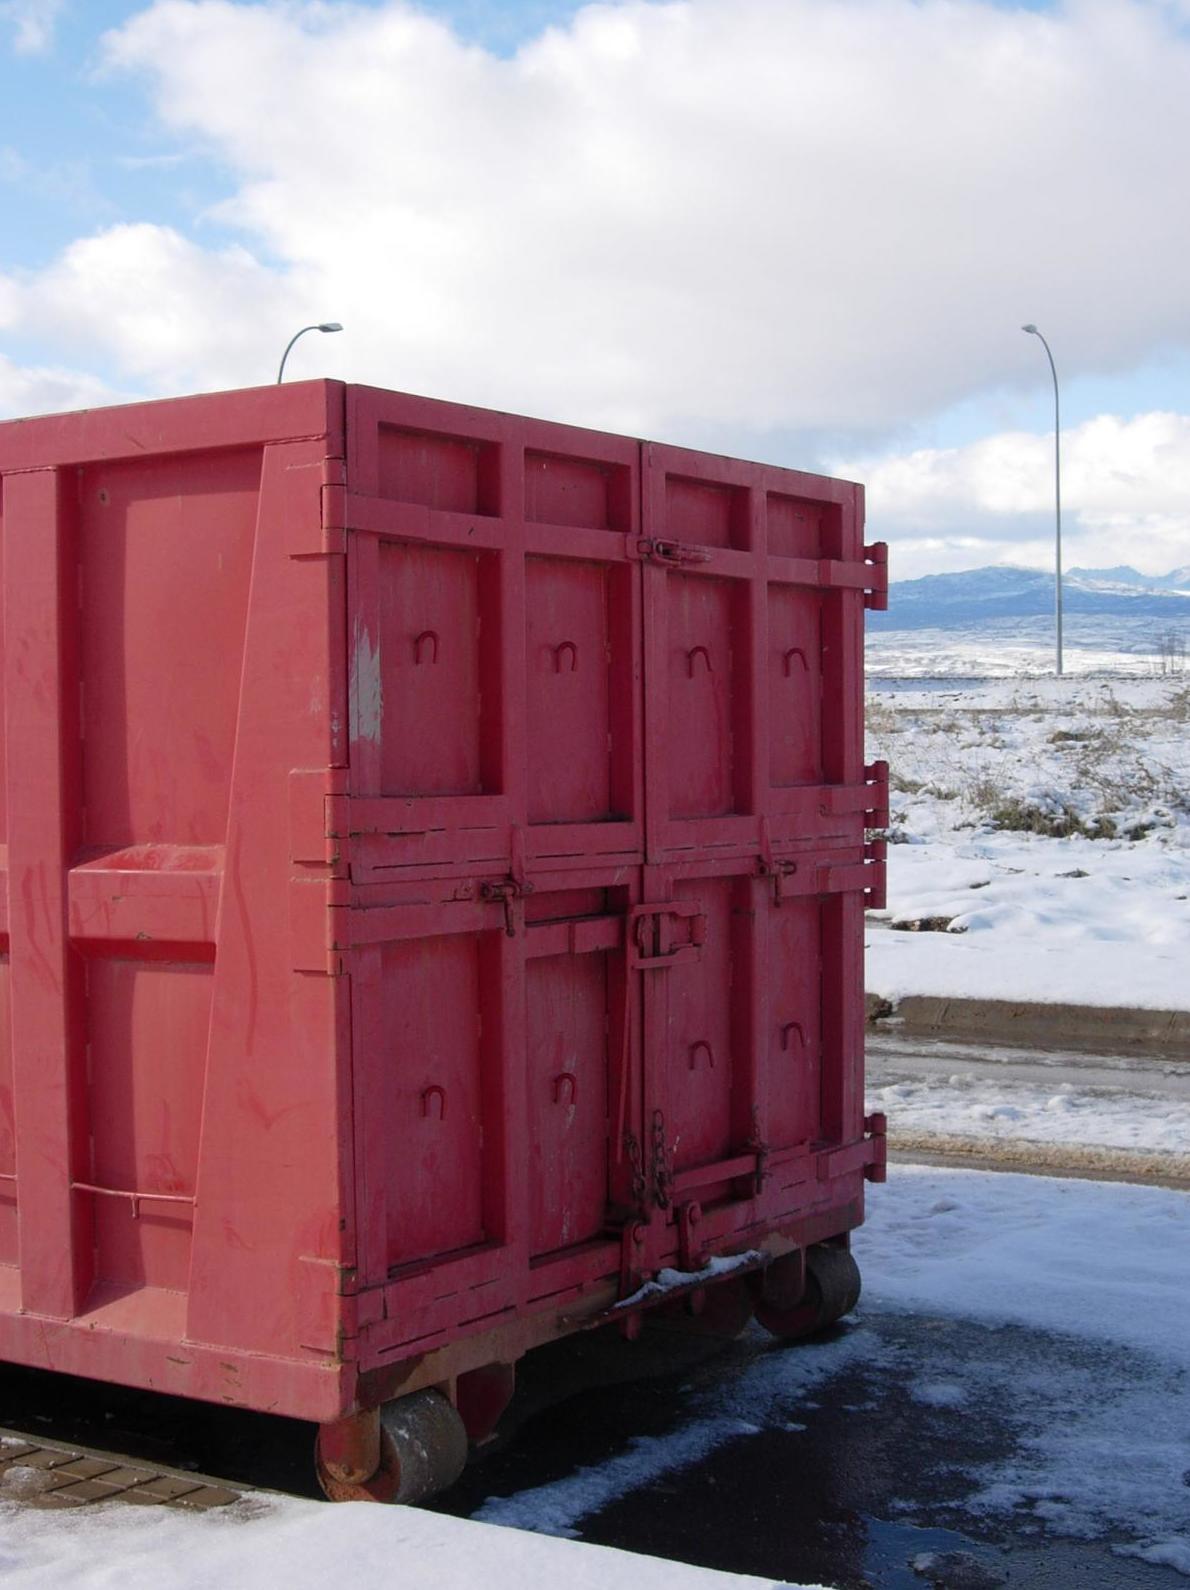 Alquiler de contenedores de 4, 6, 16 y 20 metros cúbicos de capacidad